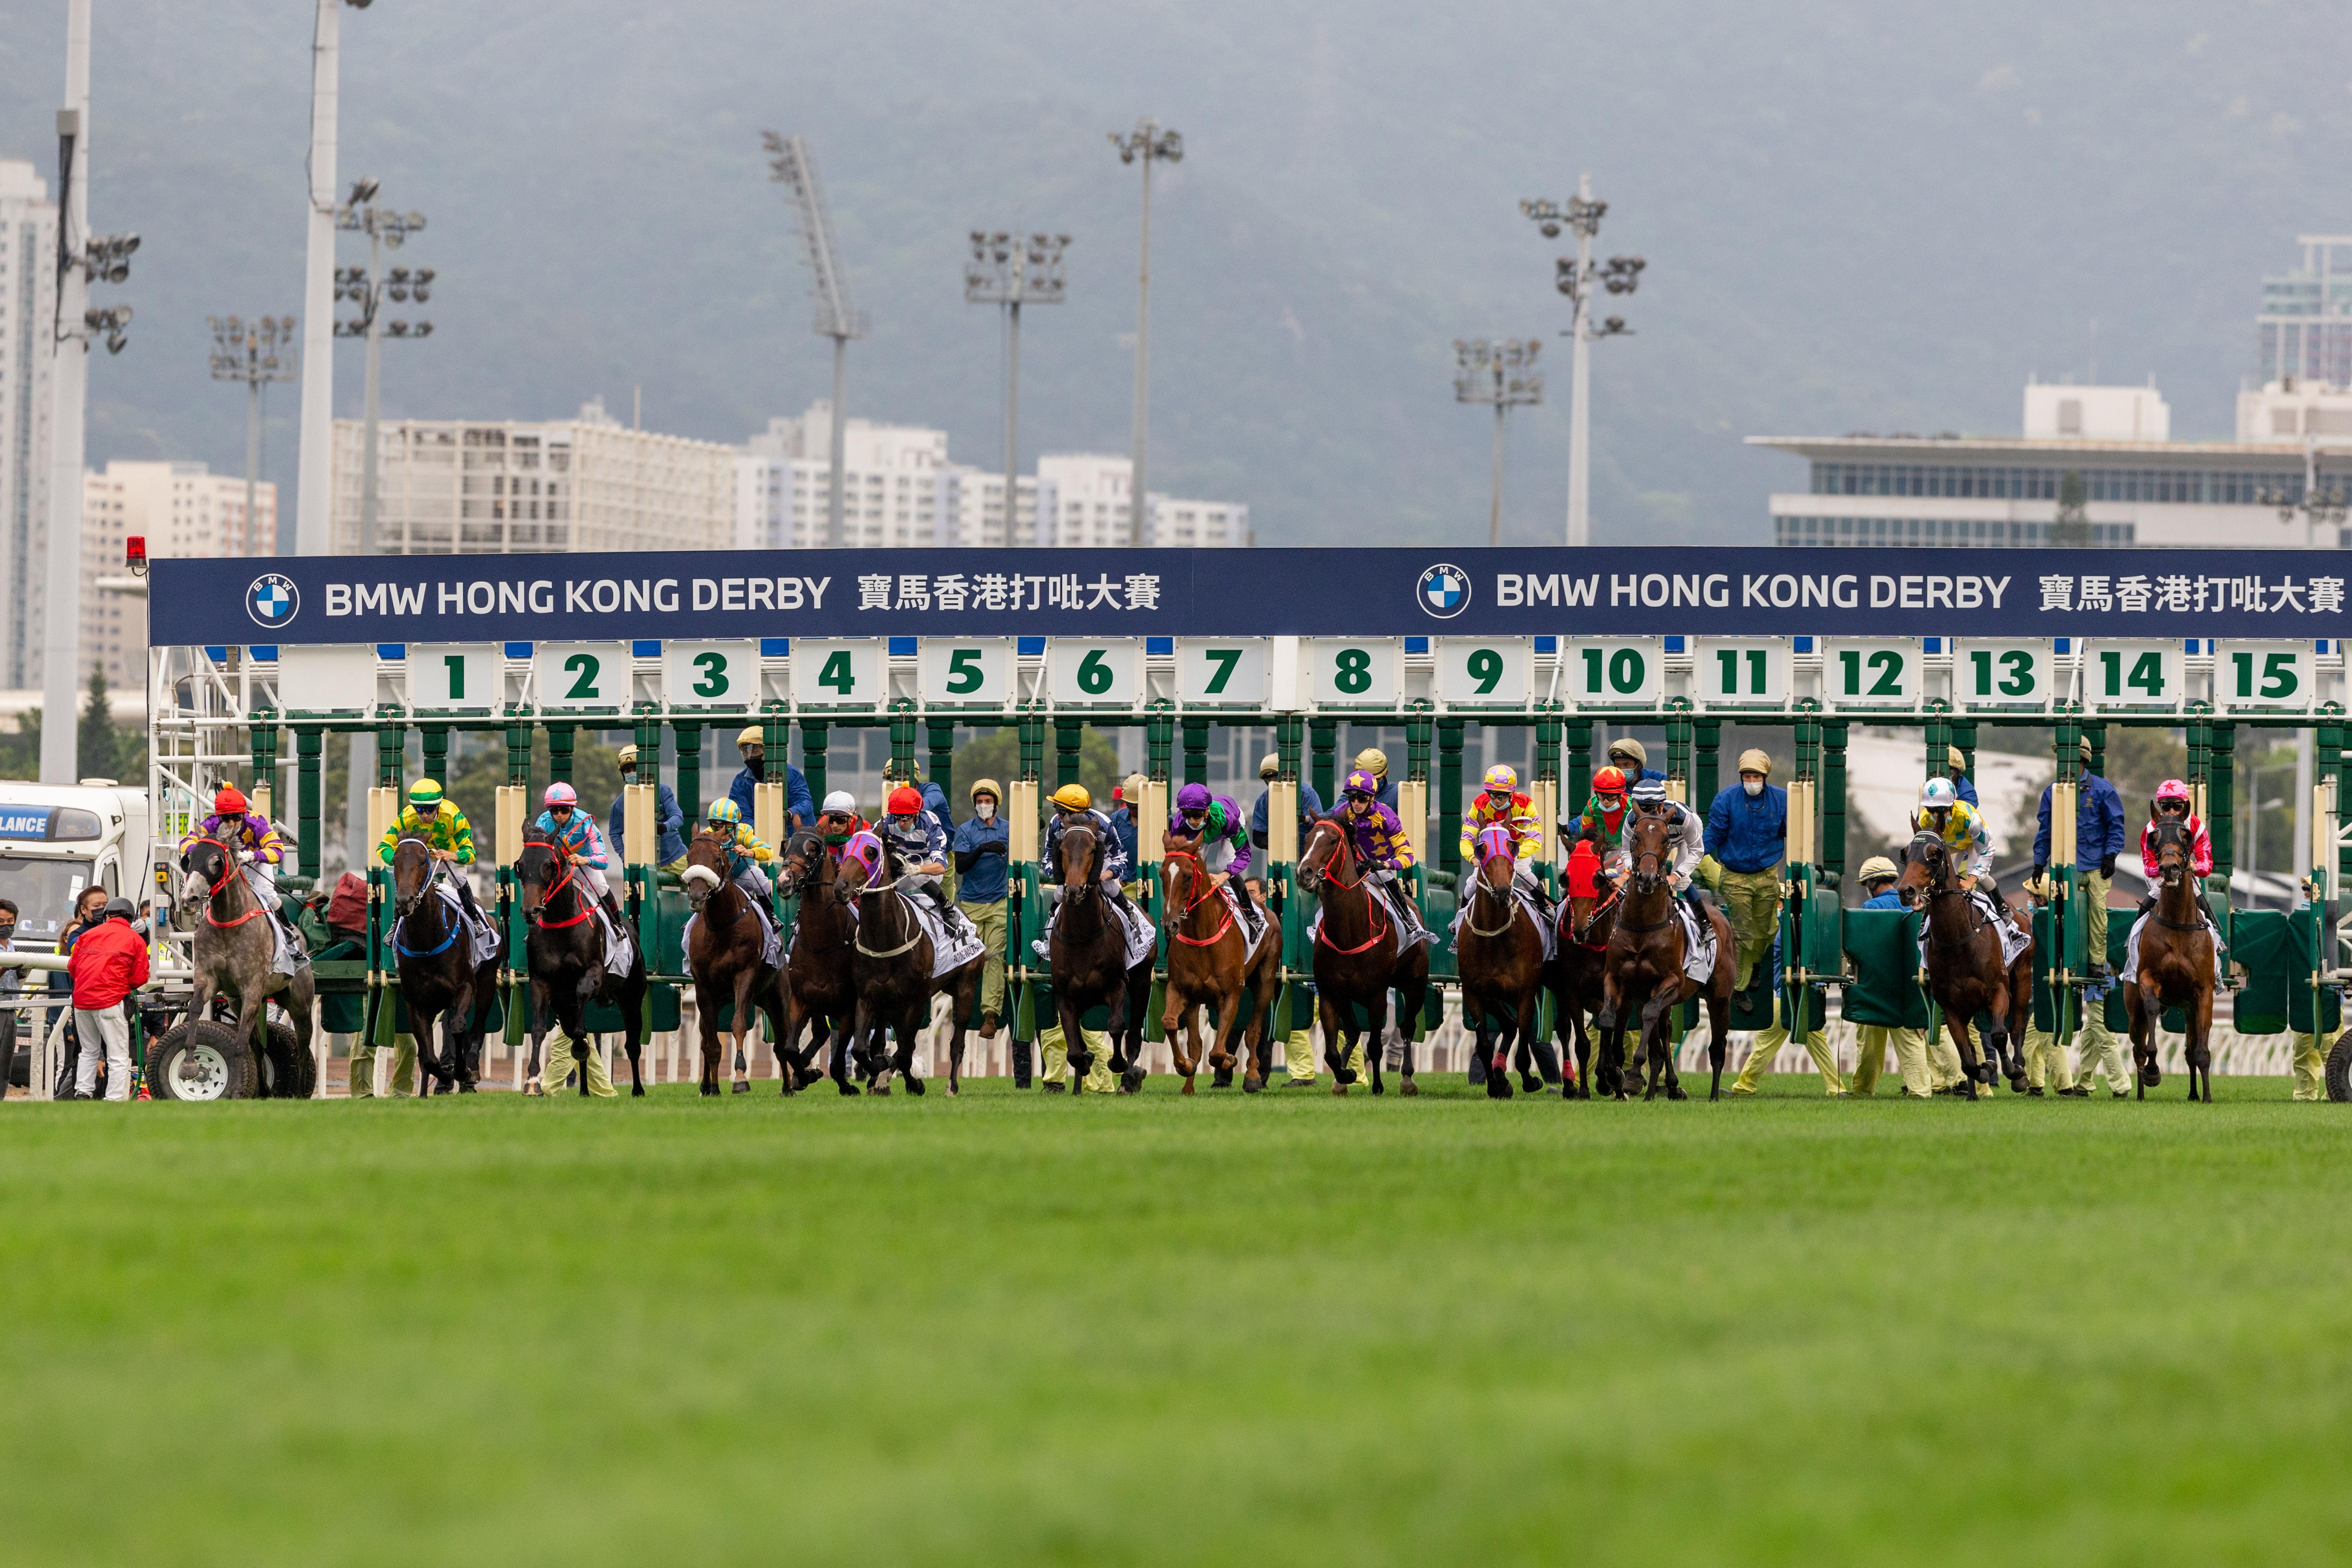 BMW Hong Kong Derby 2021